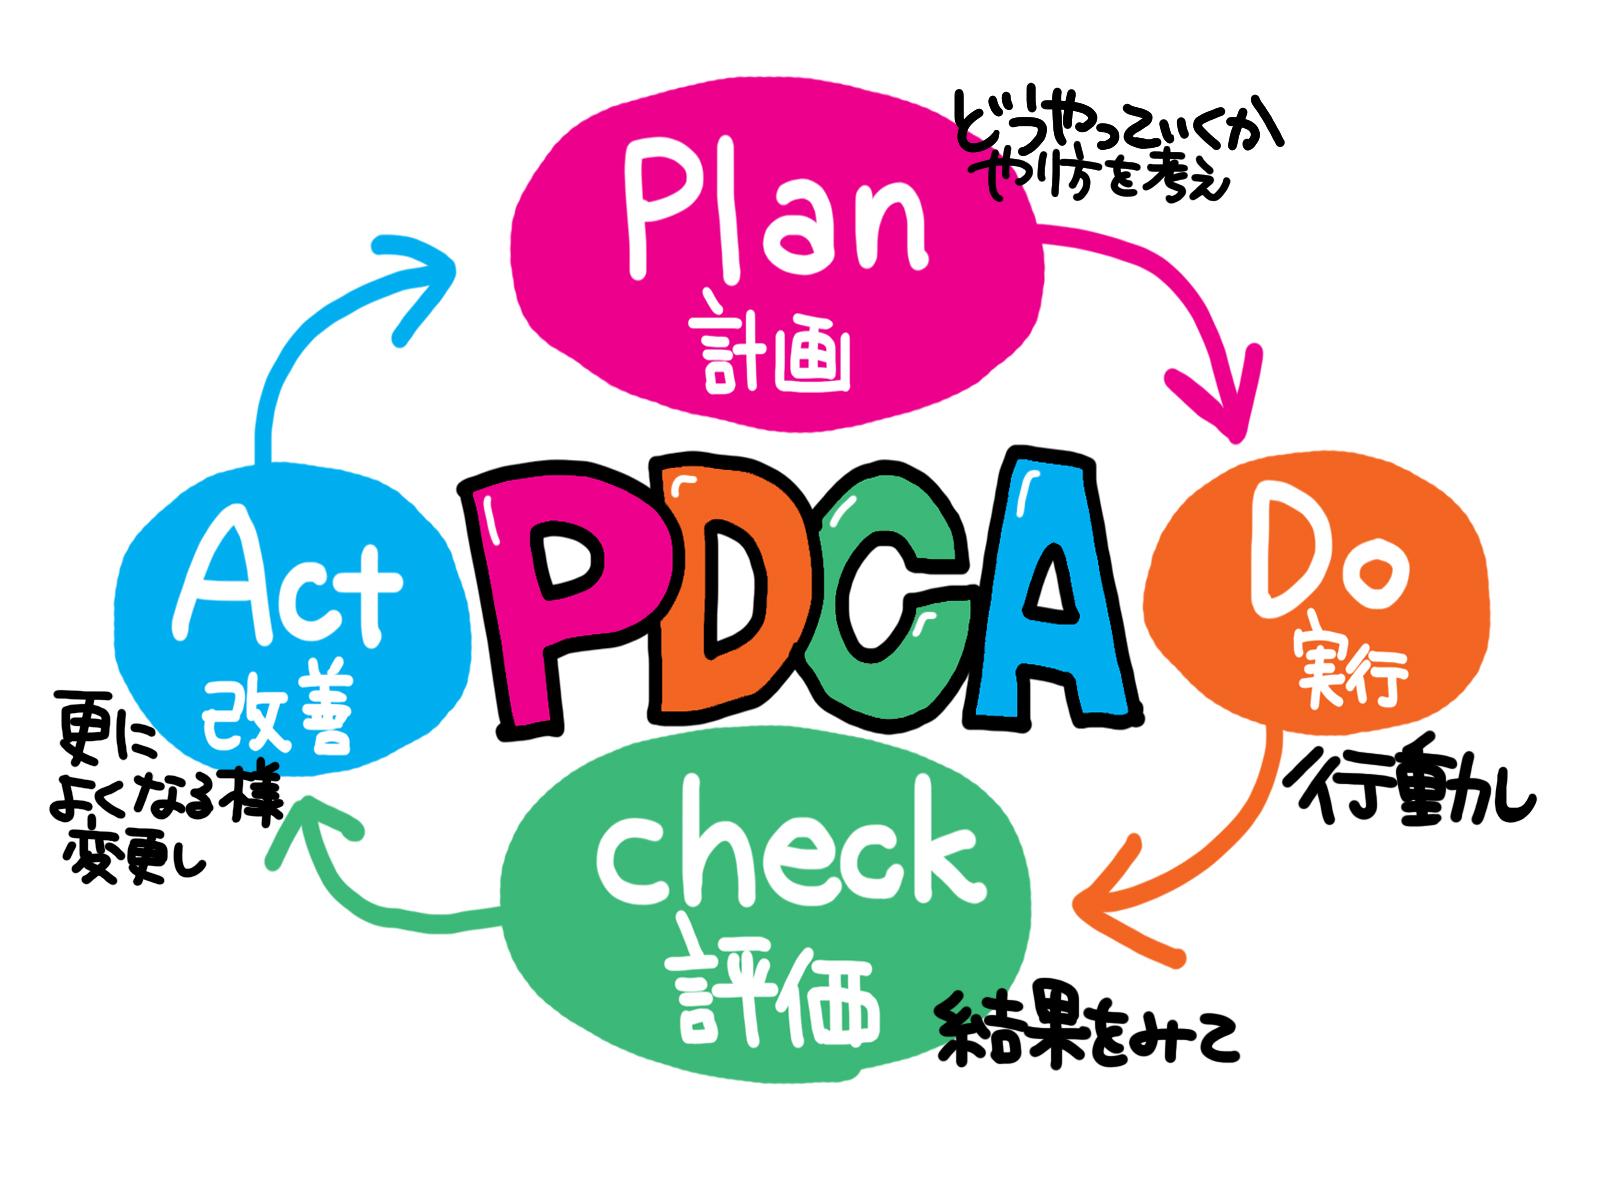 【PDCA】計画を立てて行動しつつ、無計画もたまには容認しよう